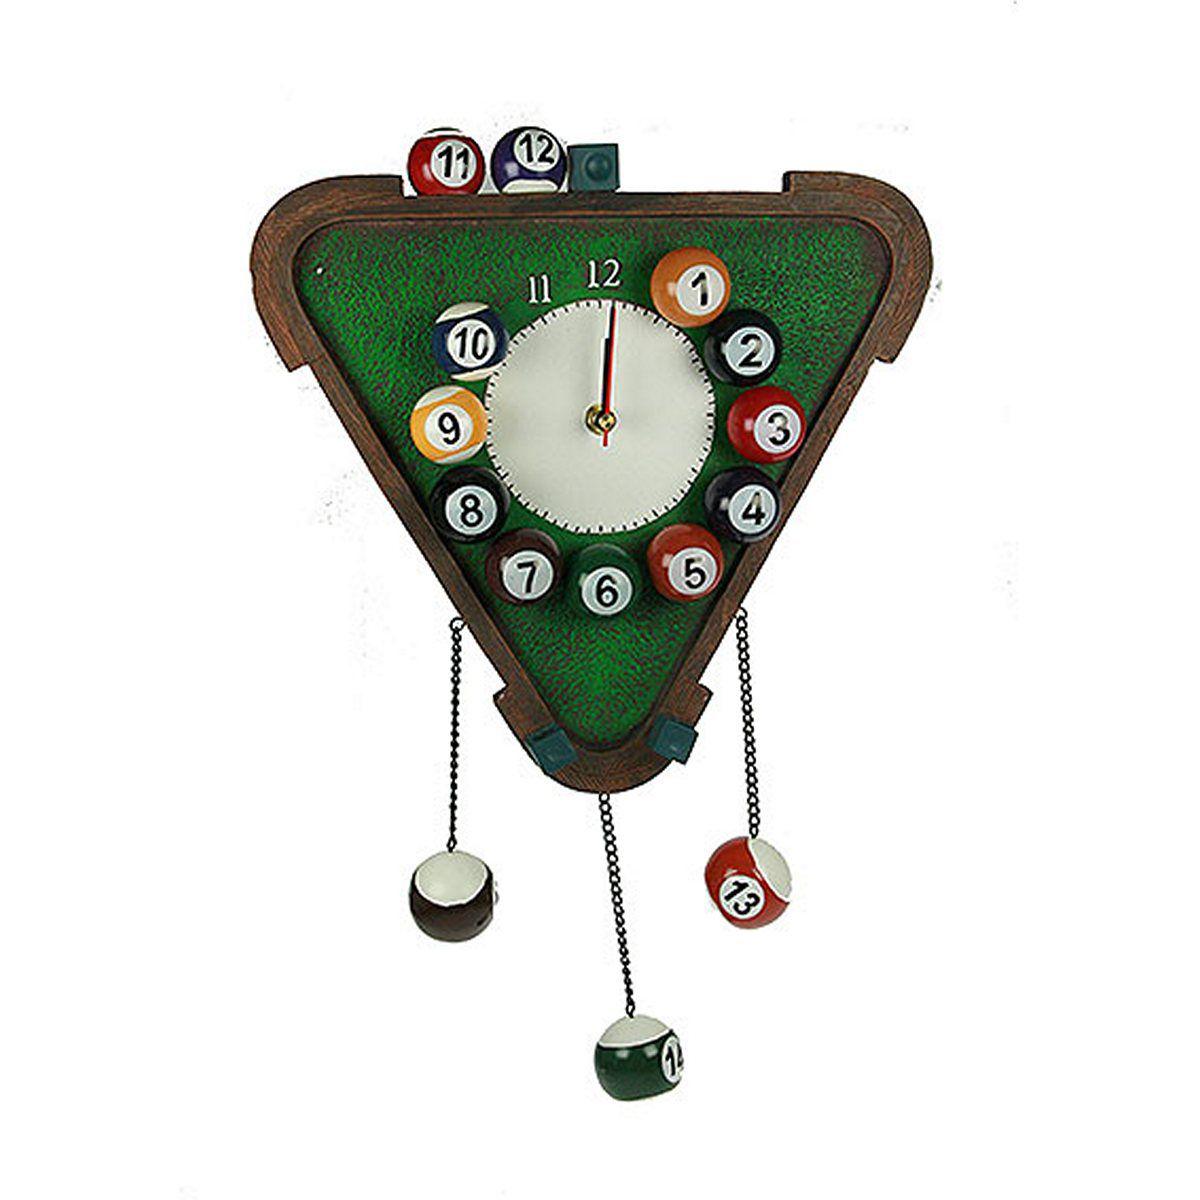 Часы настенные Русские Подарки Бильярд, 30 х 45 х 5 см. 3641536415Настенные кварцевые часы Русские Подарки Бильярд изготовлены из полистоуна. Корпус оригинально оформлен элементами игры в бильярд. Часы имеют три стрелки - часовую, минутную и секундную. С обратной стороны имеется петелька для подвешивания на стену. Такие часы красиво и необычно оформят интерьер дома или офиса. Также часы могут стать уникальным, полезным подарком для родственников, коллег, знакомых и близких. Часы работают от батареек типа АА (в комплект не входят).